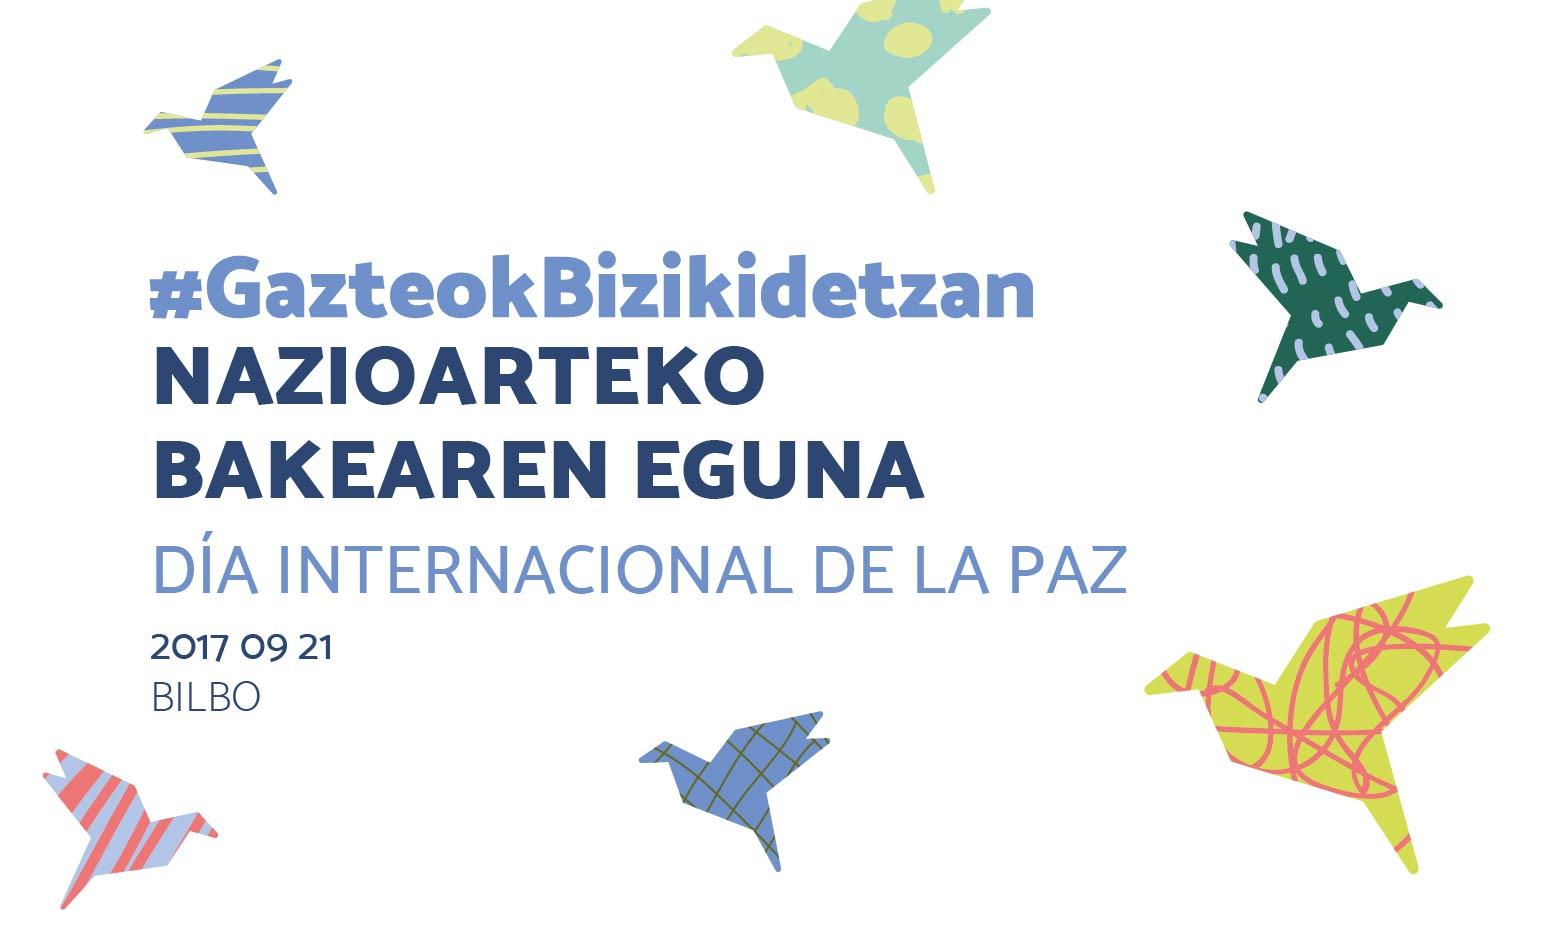 #GazteokBizikidetzan: Nazioarteko Bakearen Eguna - EGK